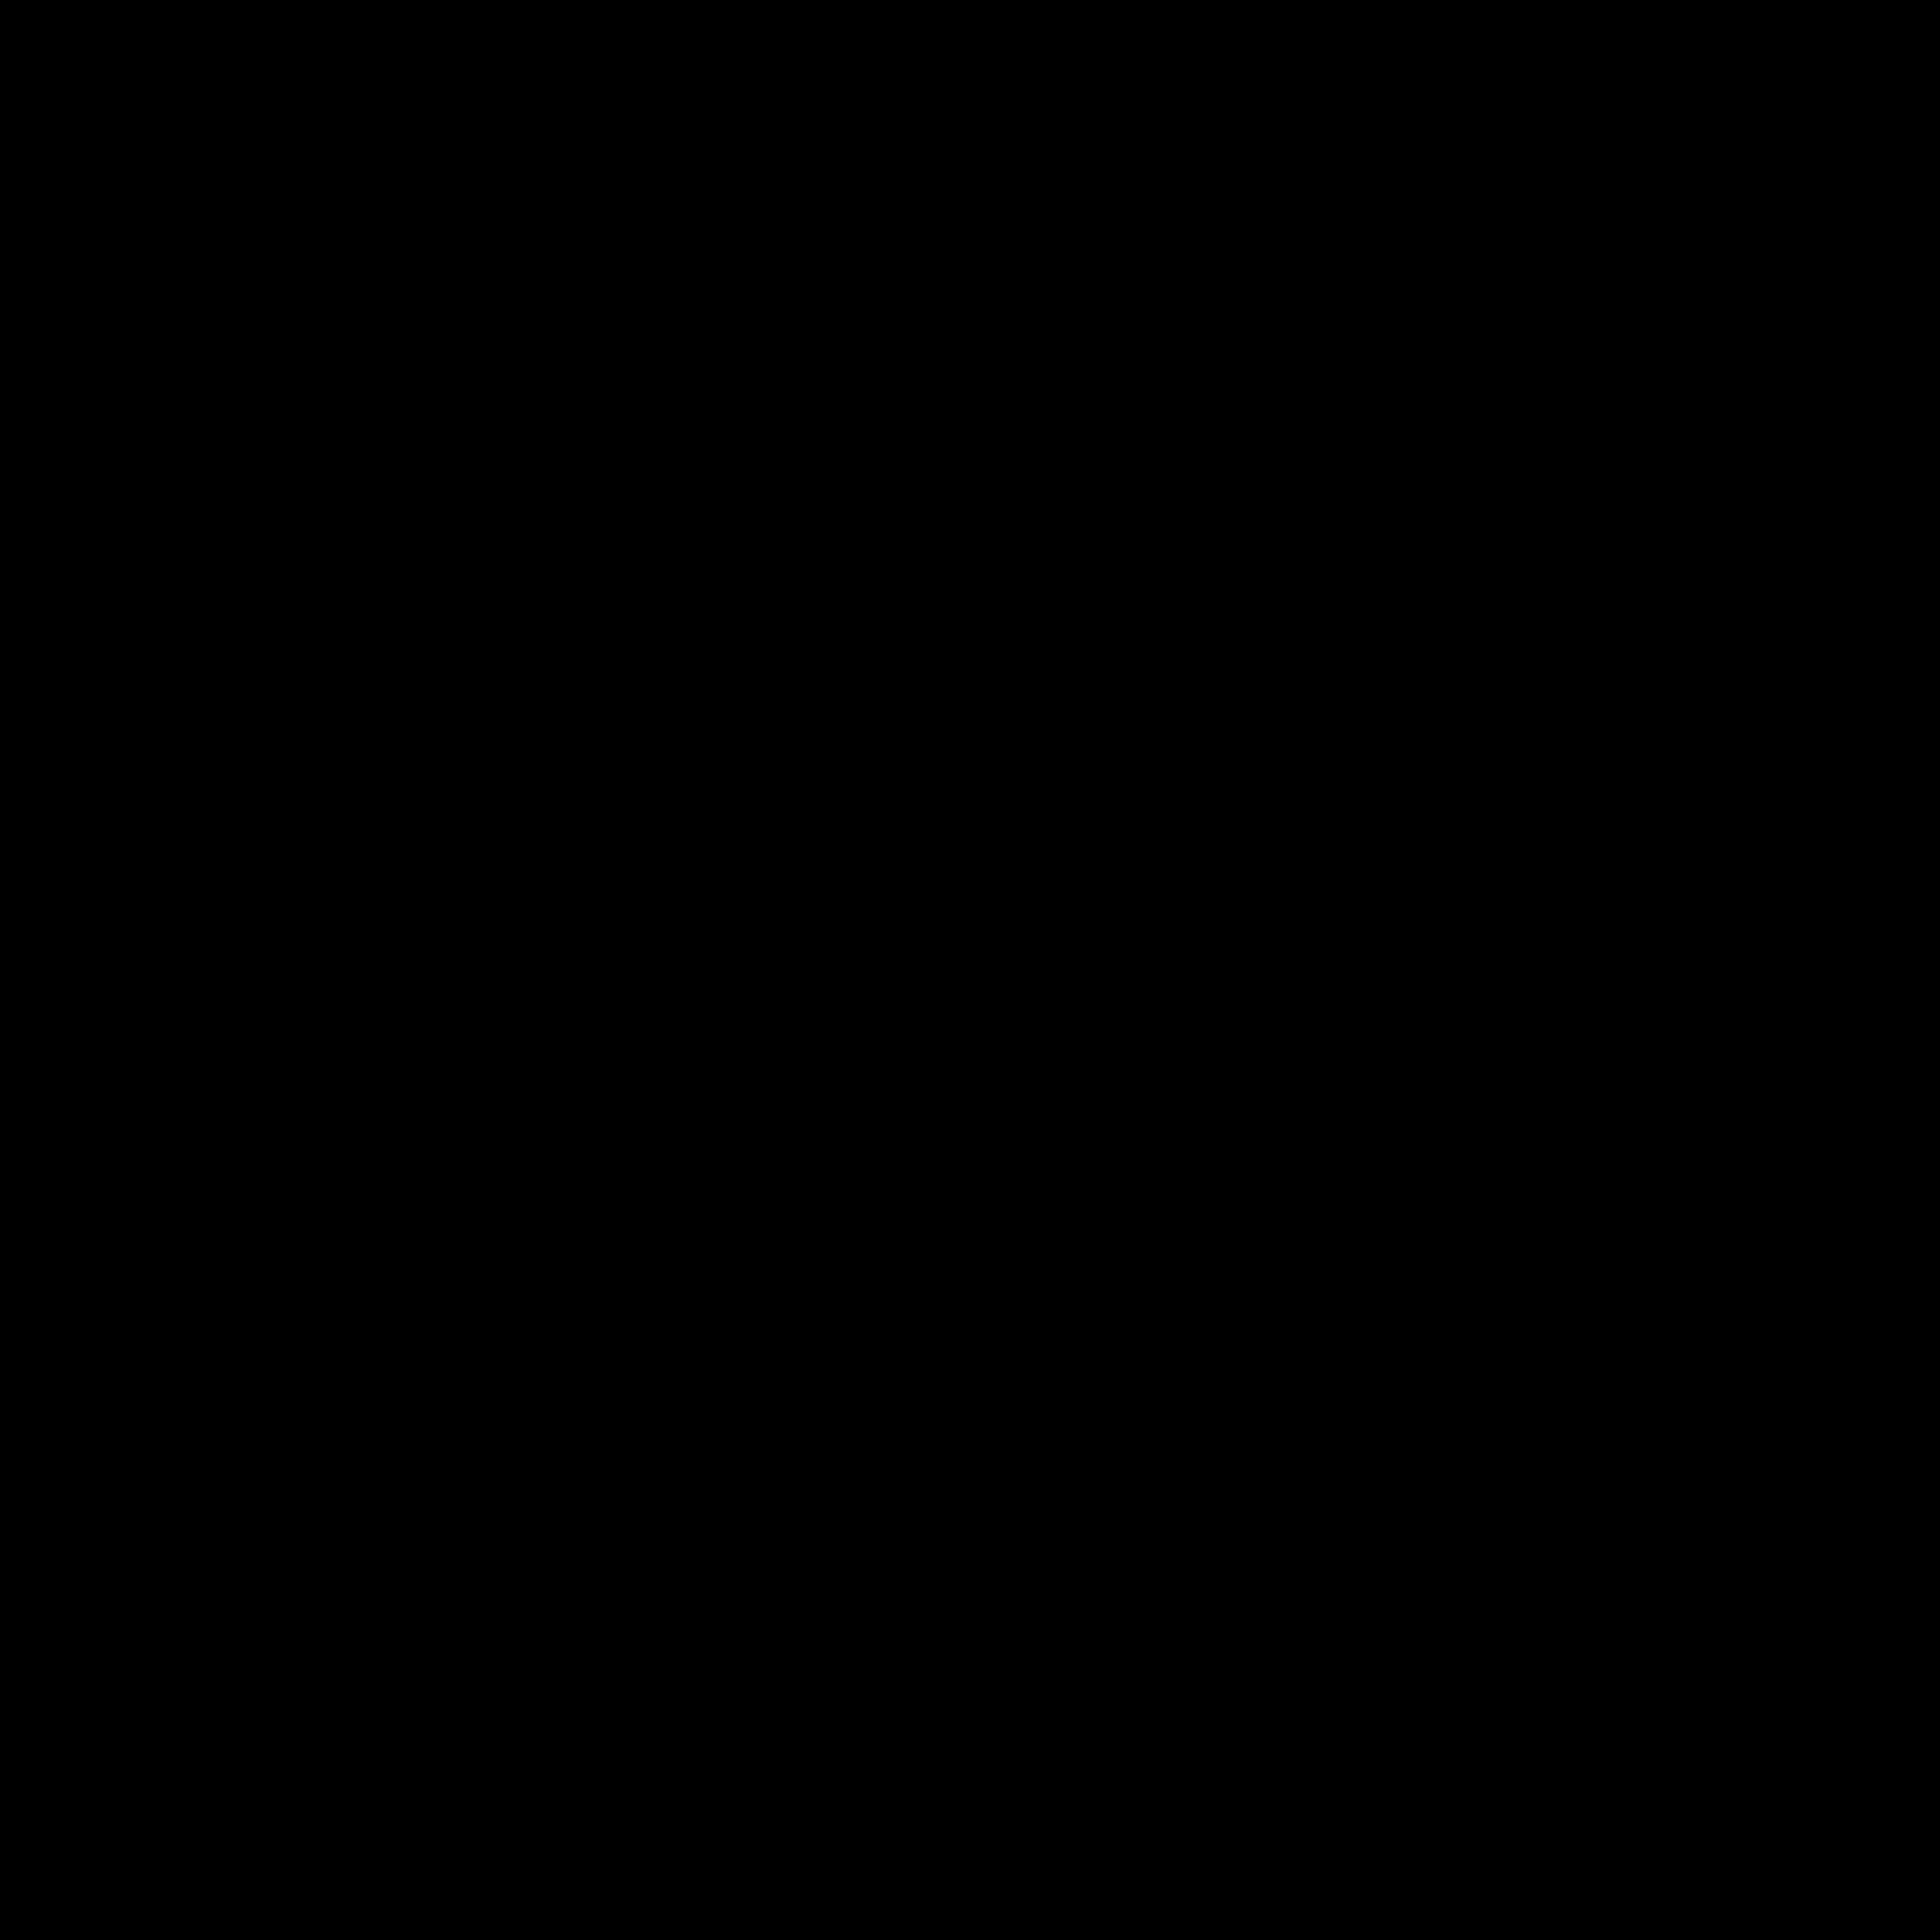 zattini logo 0 - Zattini Logo